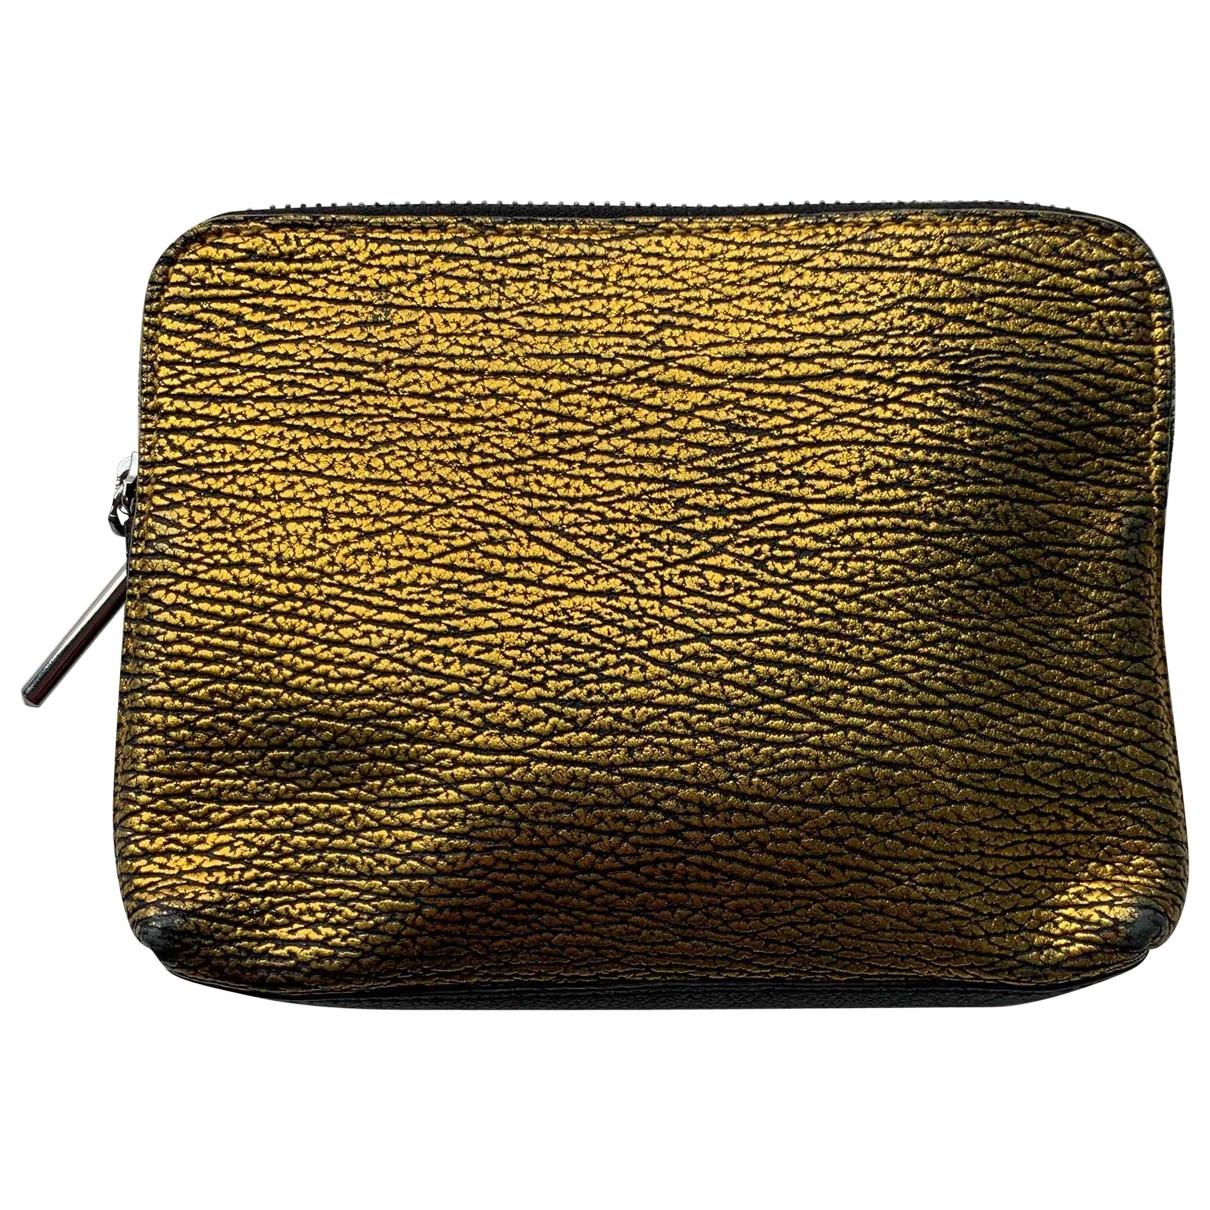 3.1 Phillip Lim - Pochette   pour femme en cuir - dore